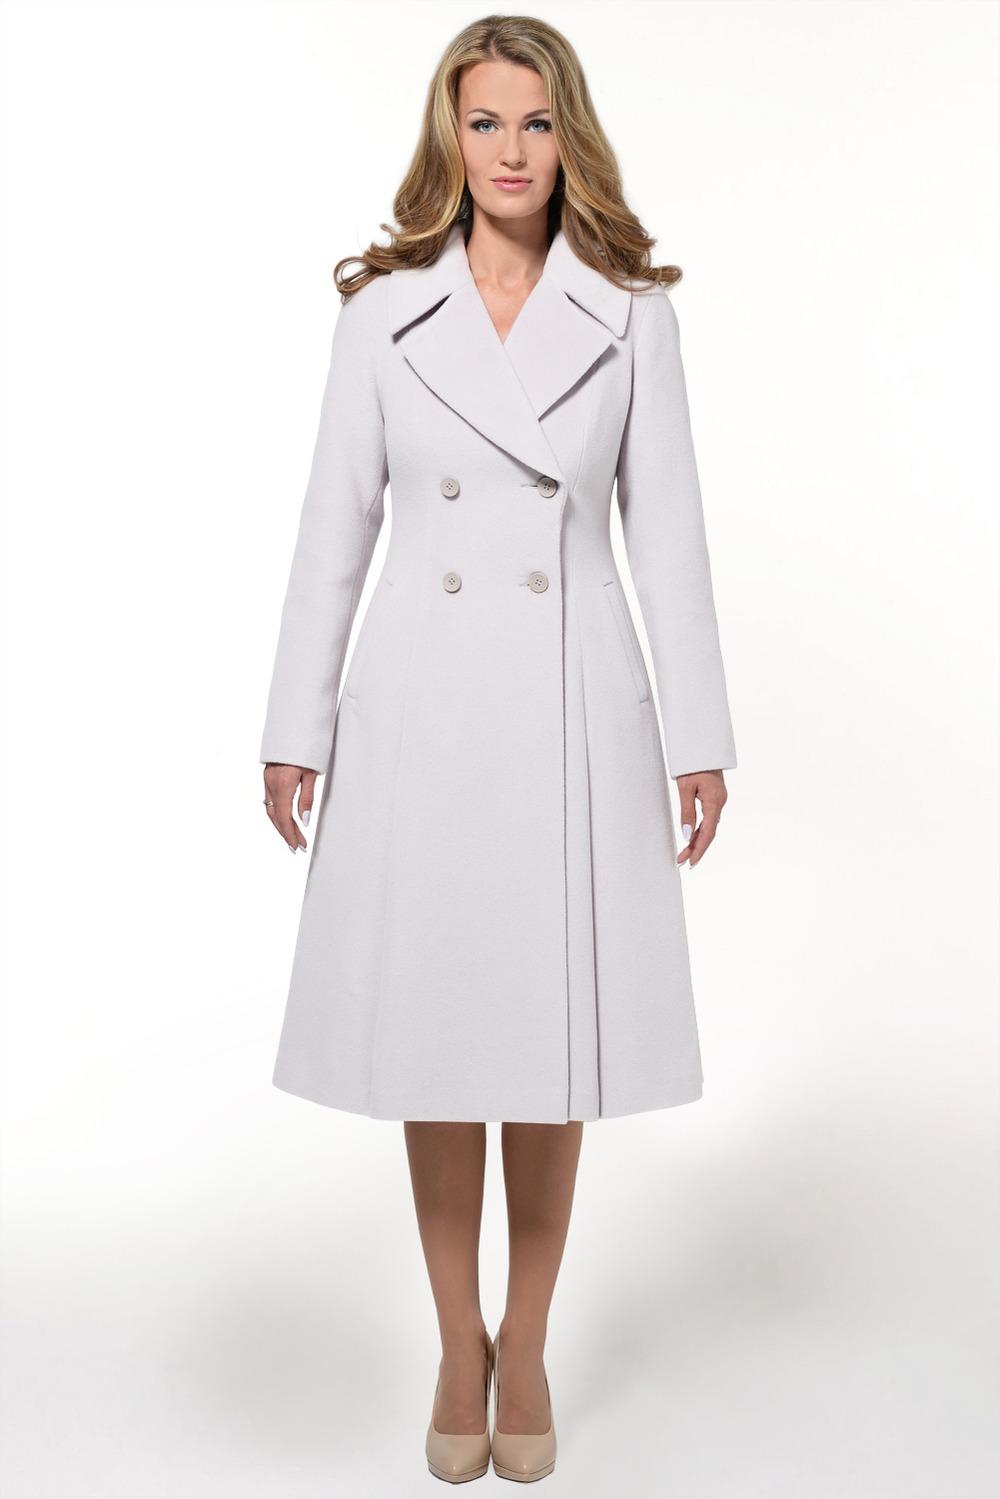 Женское зимнее пальто арт.806